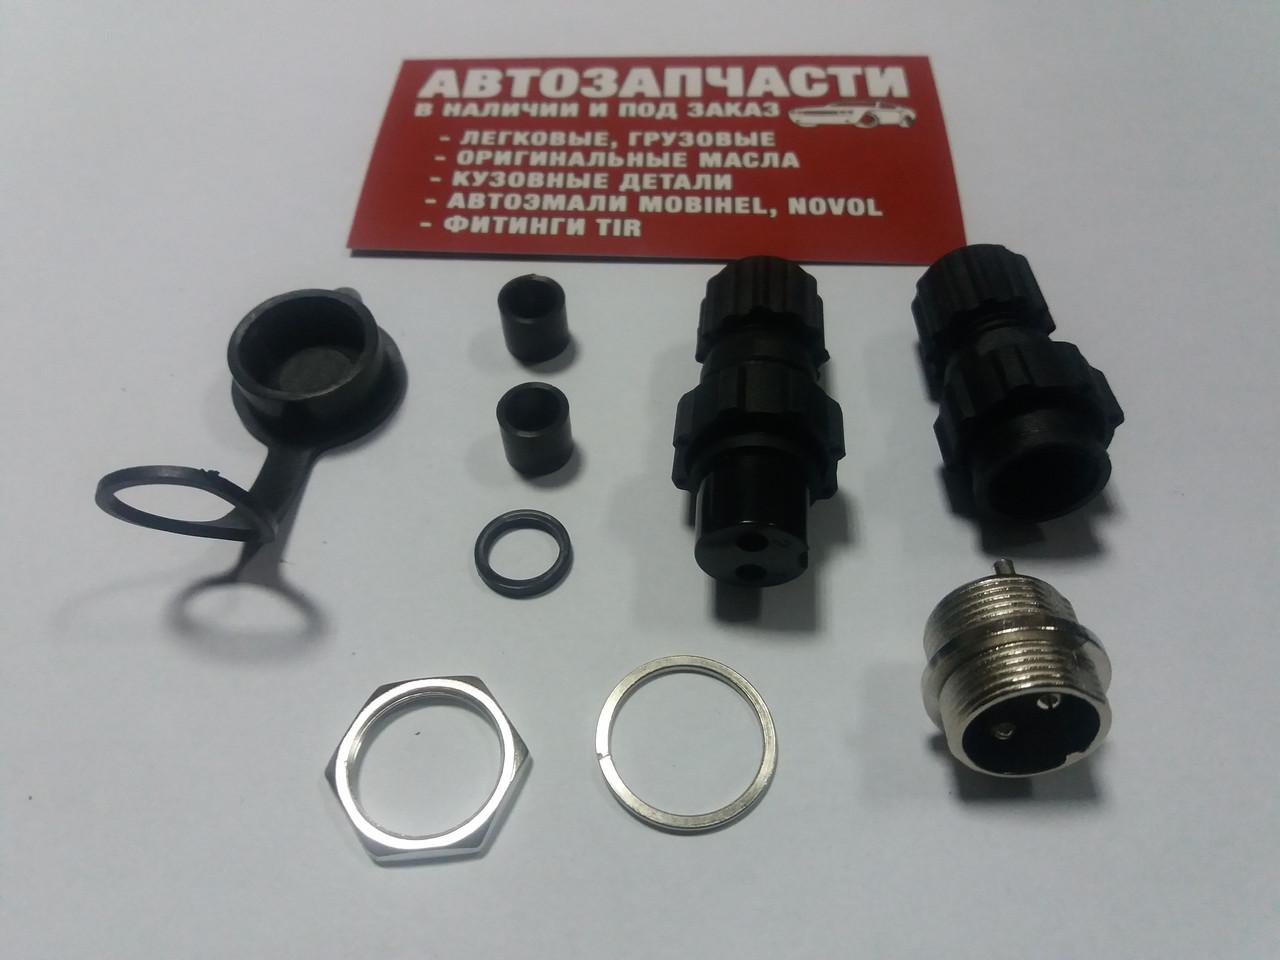 Разъем герметический (круглый) 2 контакта комплект